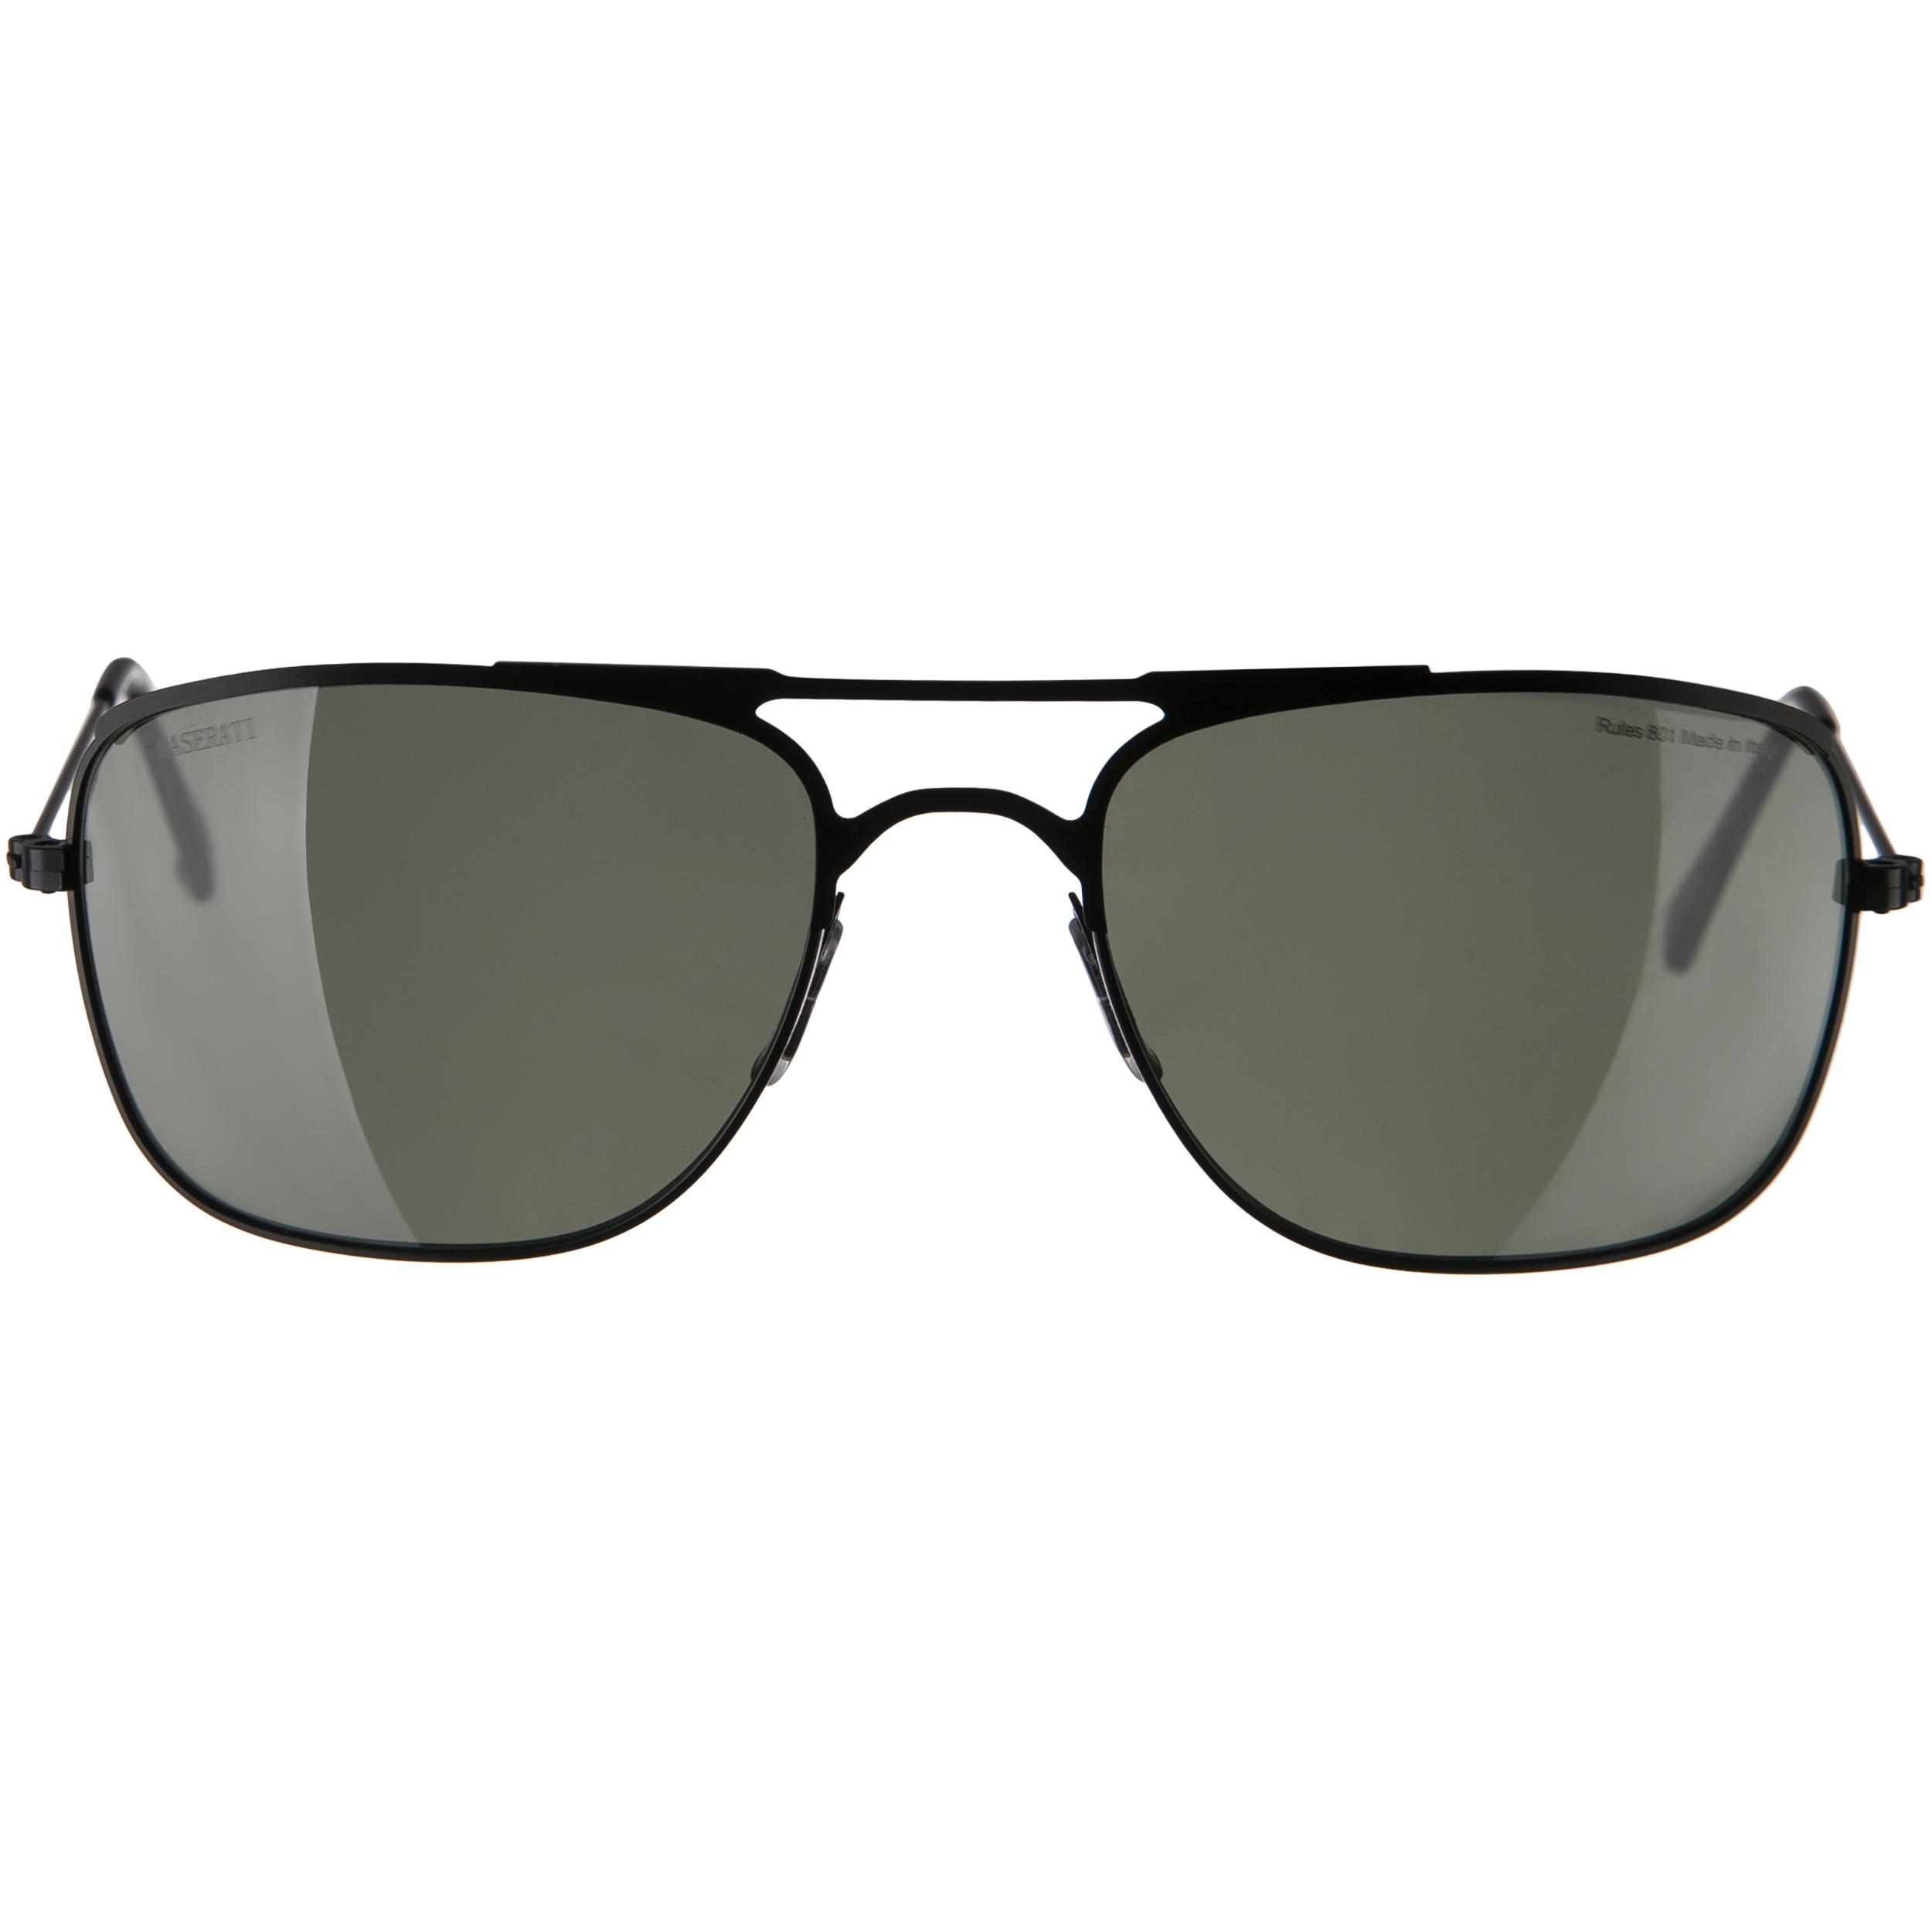 عینک آفتابی مردانه مازراتی مدل Rules-801-B